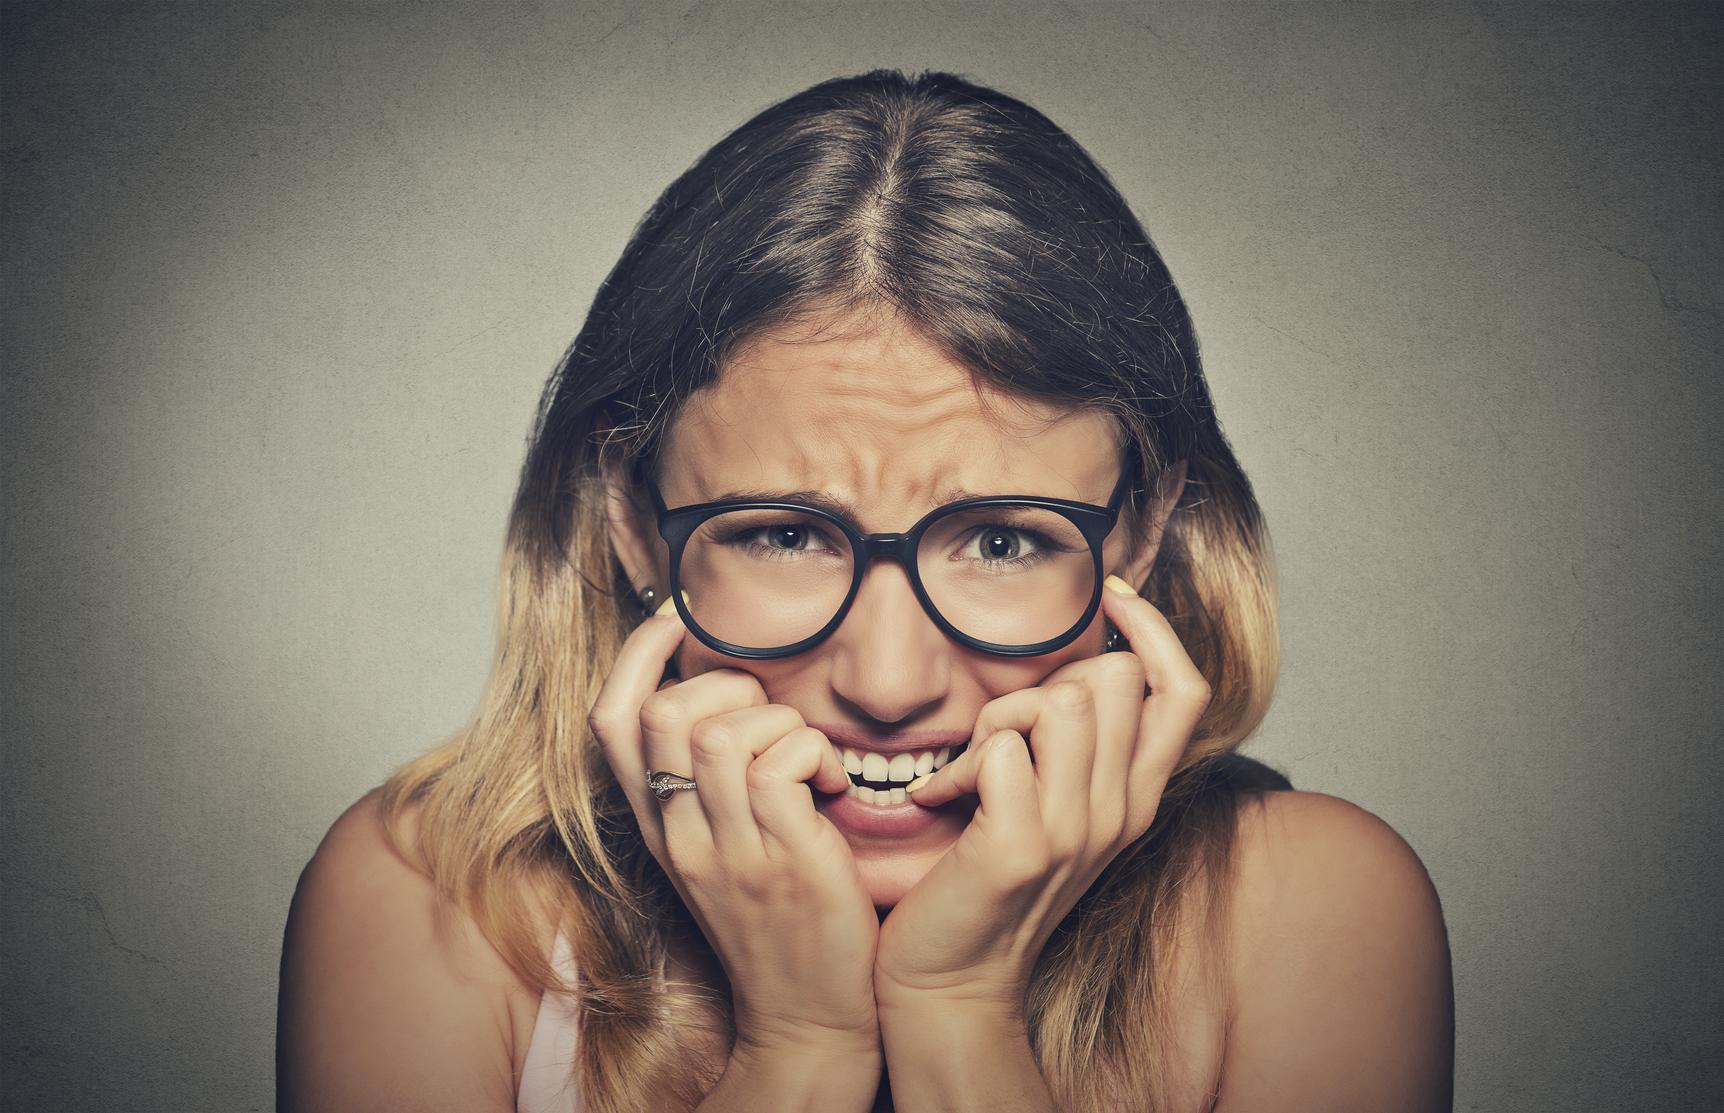 التوتر من اعراض الوسواس القهرى